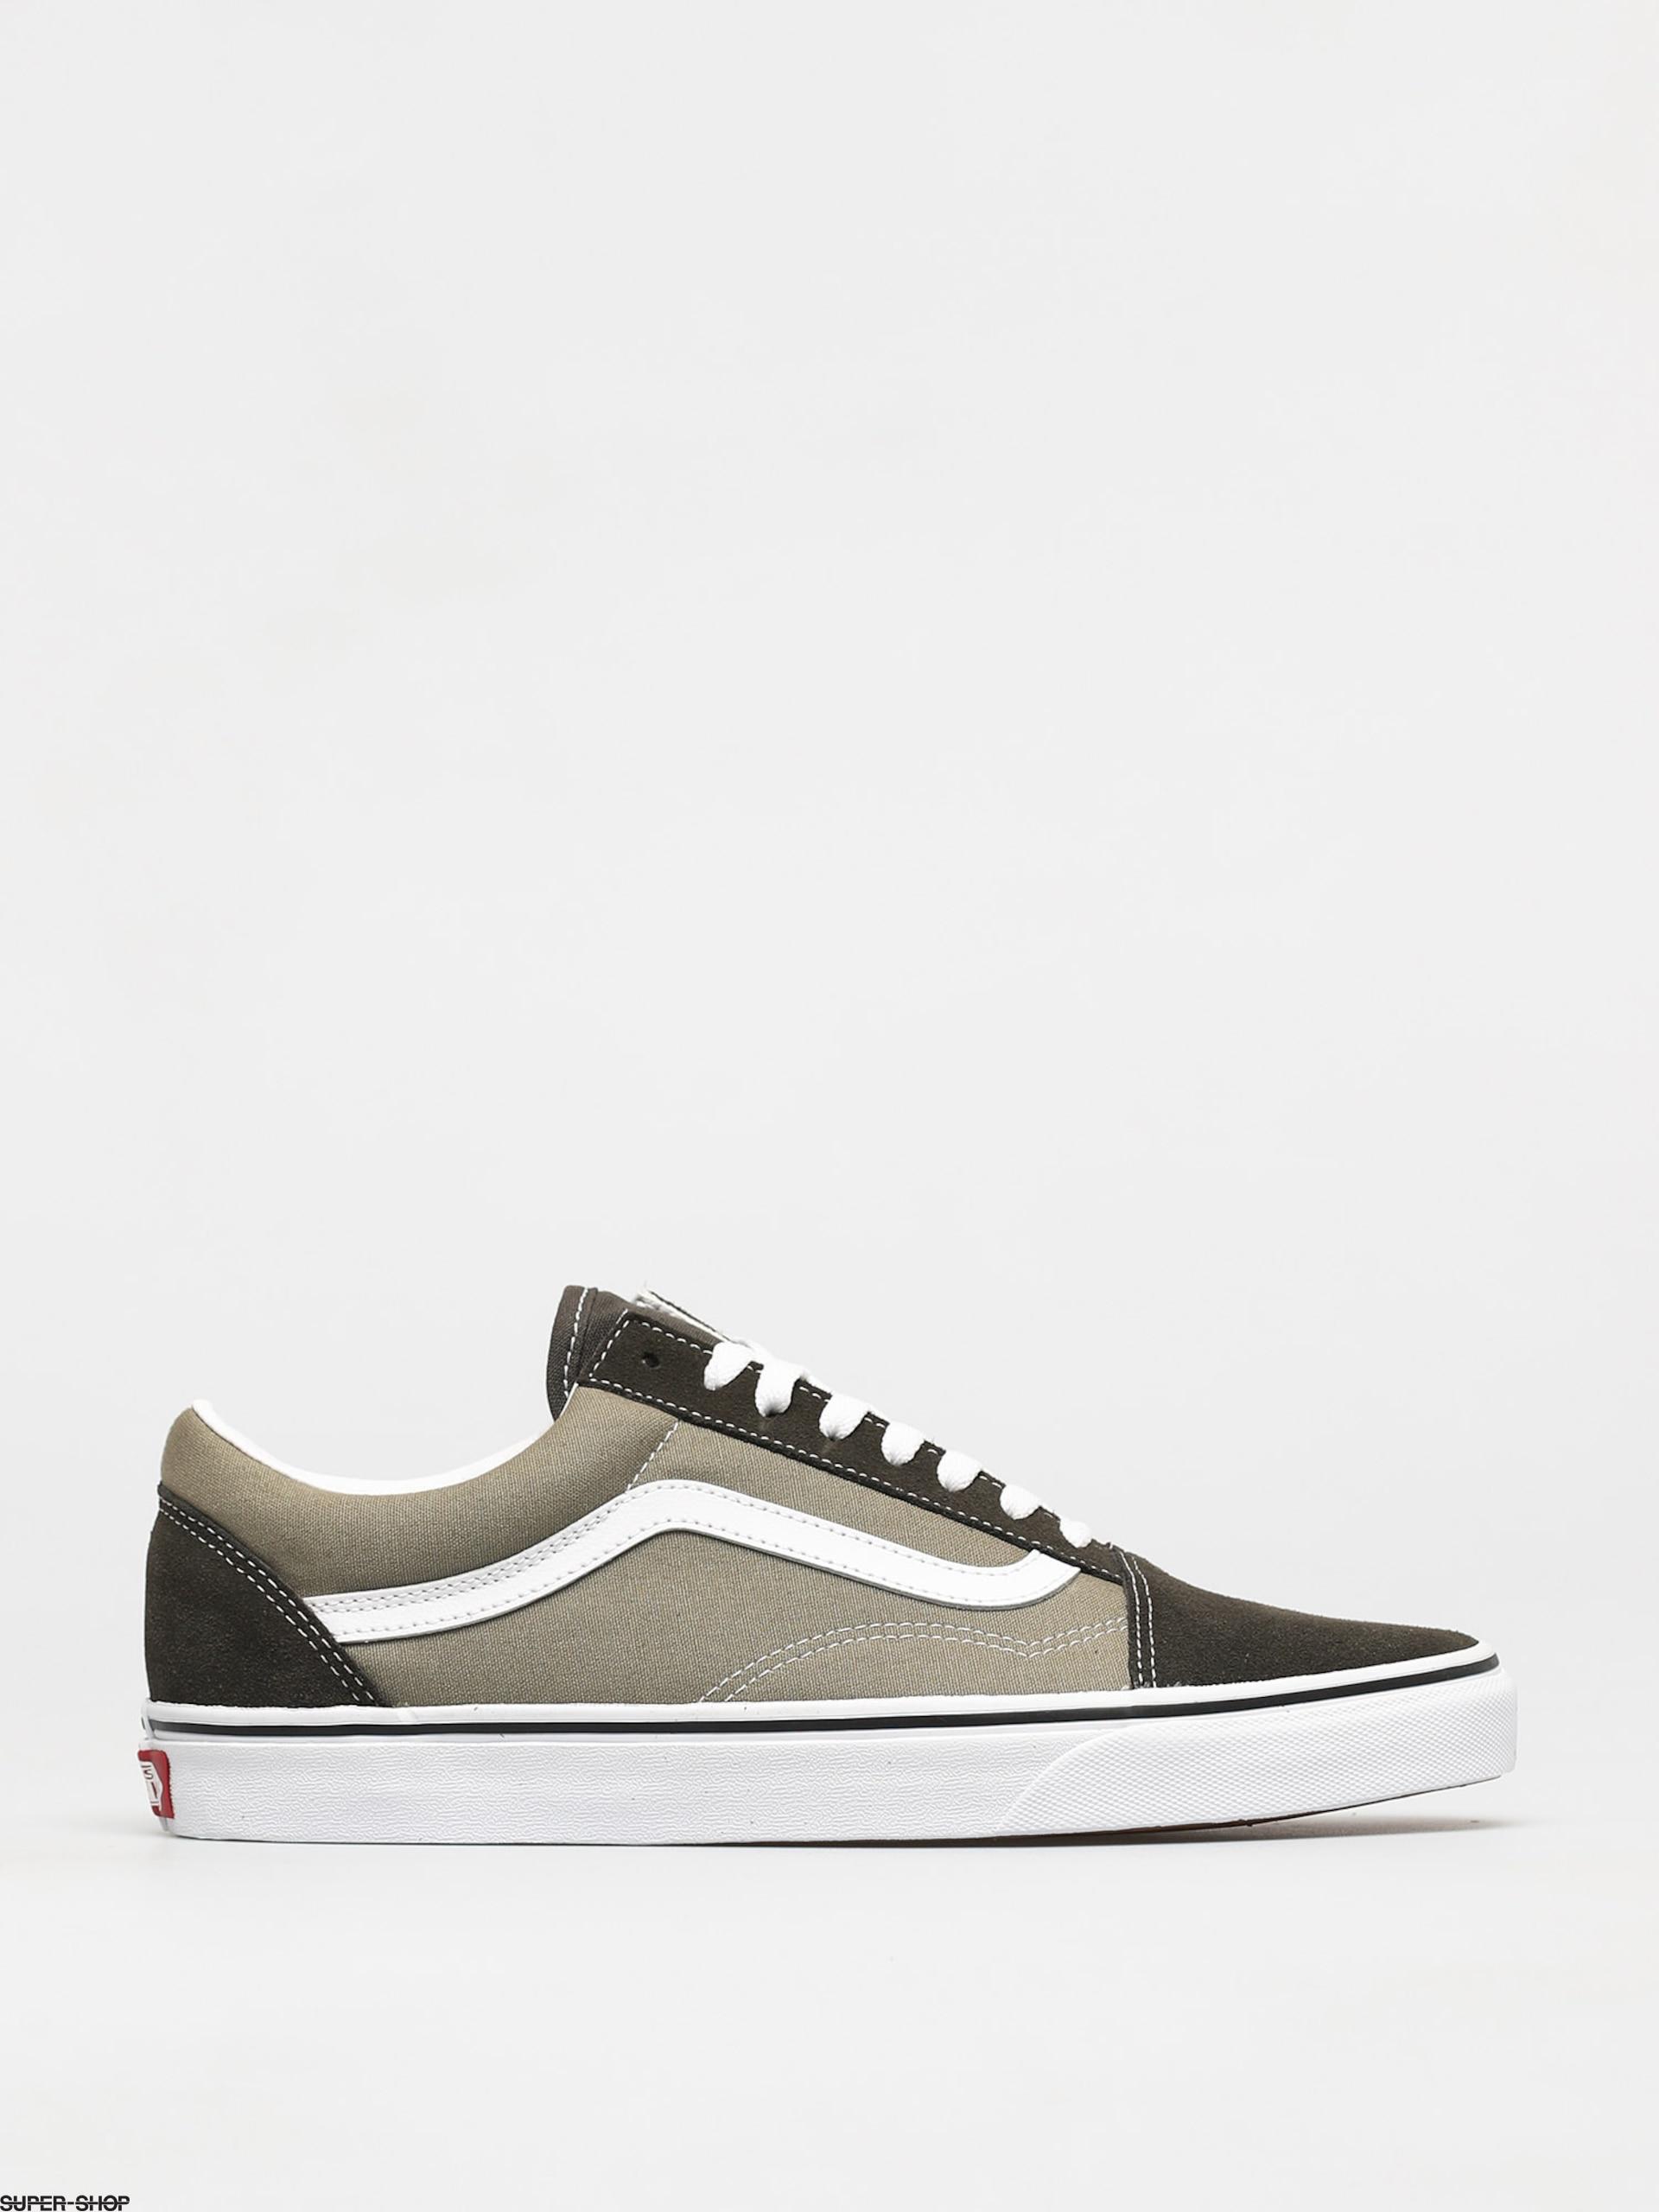 Vans Old Skool Shoes (2 tone/senecarockblkoliv)